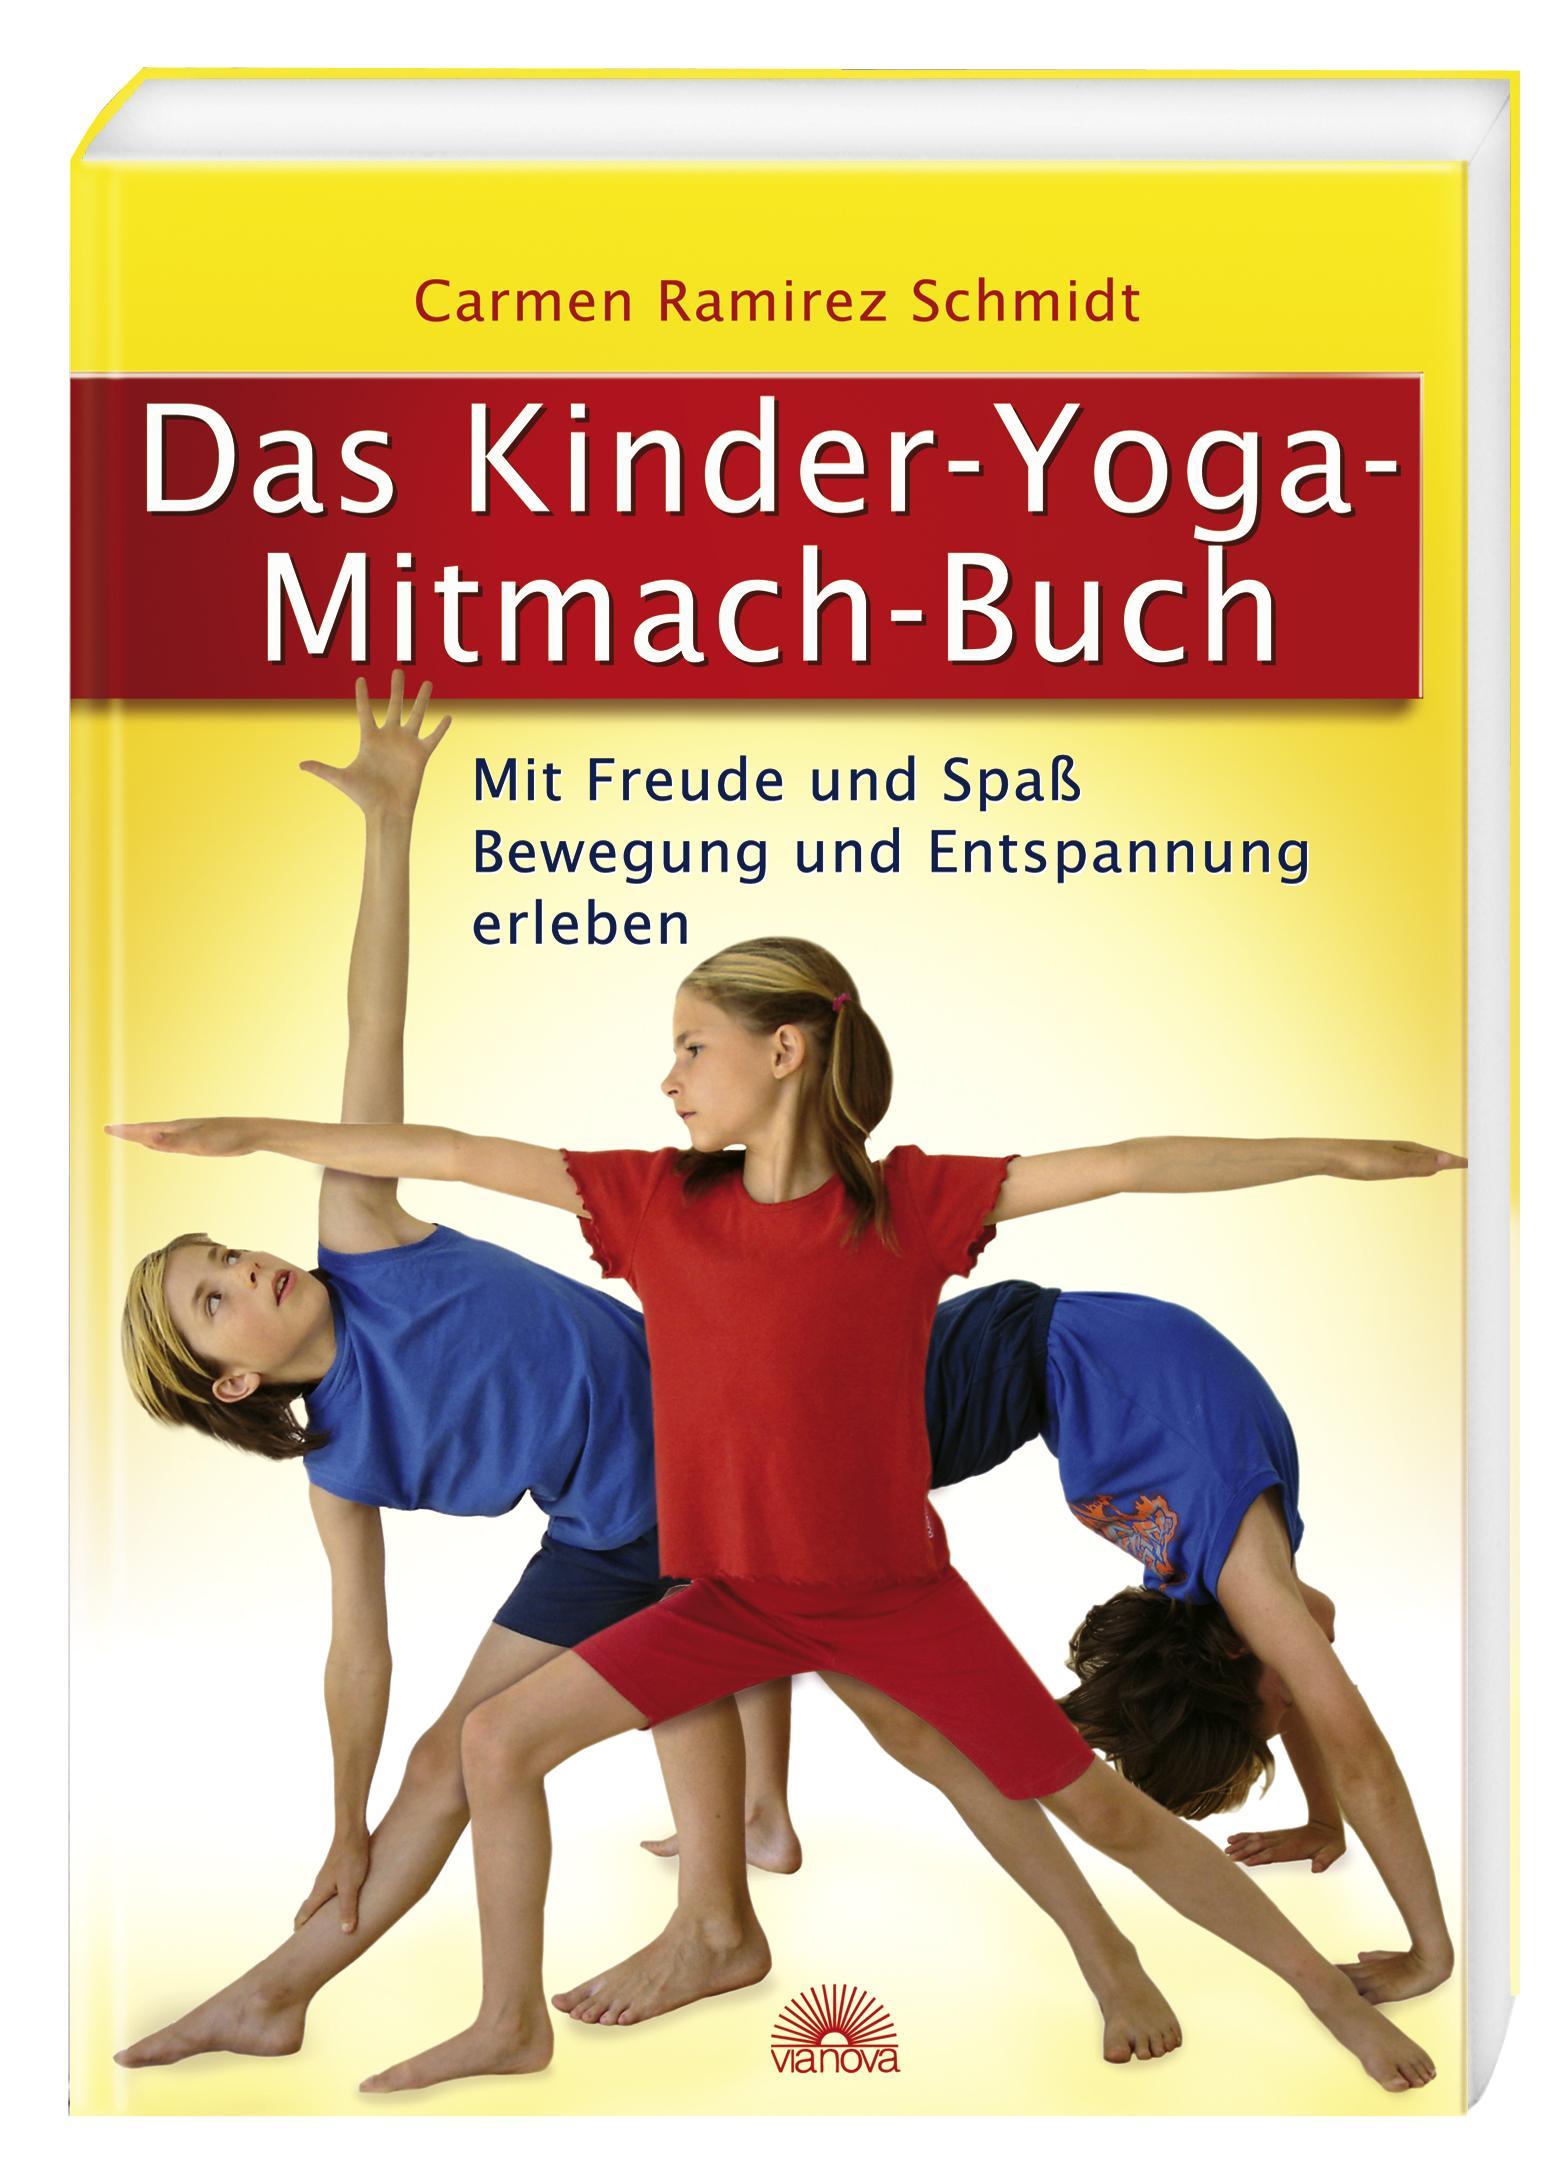 Das Kinder-Yoga-Mitmach-Buch, Carmen Ramirez Schmidt